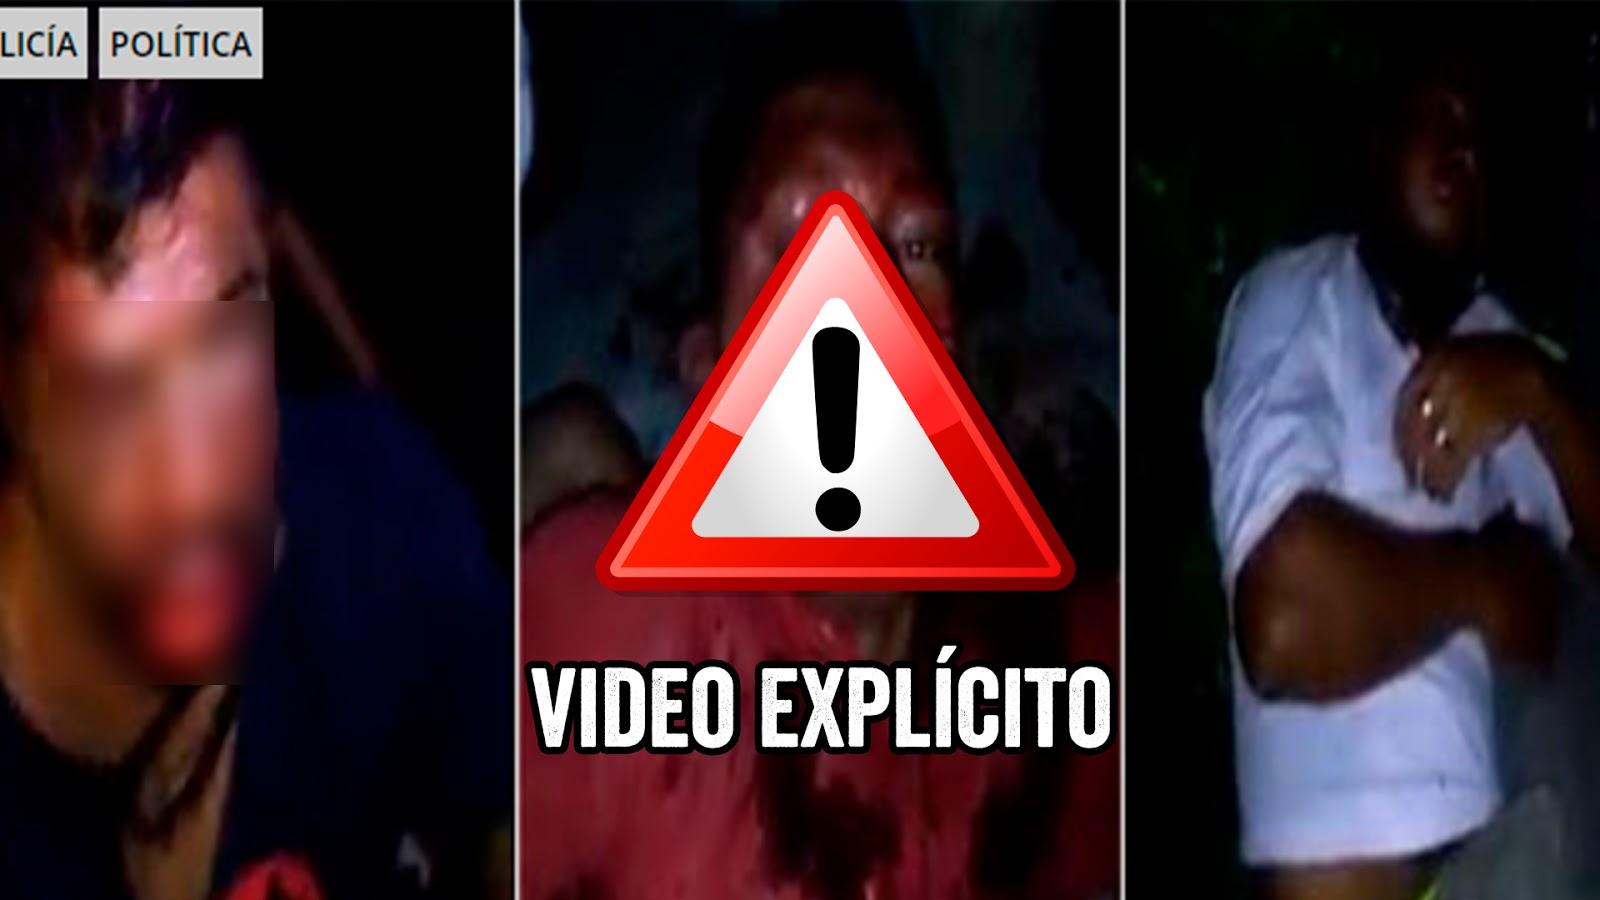 Taxistas cansados de asaltos y asesinatos a sus colegas hacen justicia y dan tremenda golpiza a asaltantes (VIDEO).